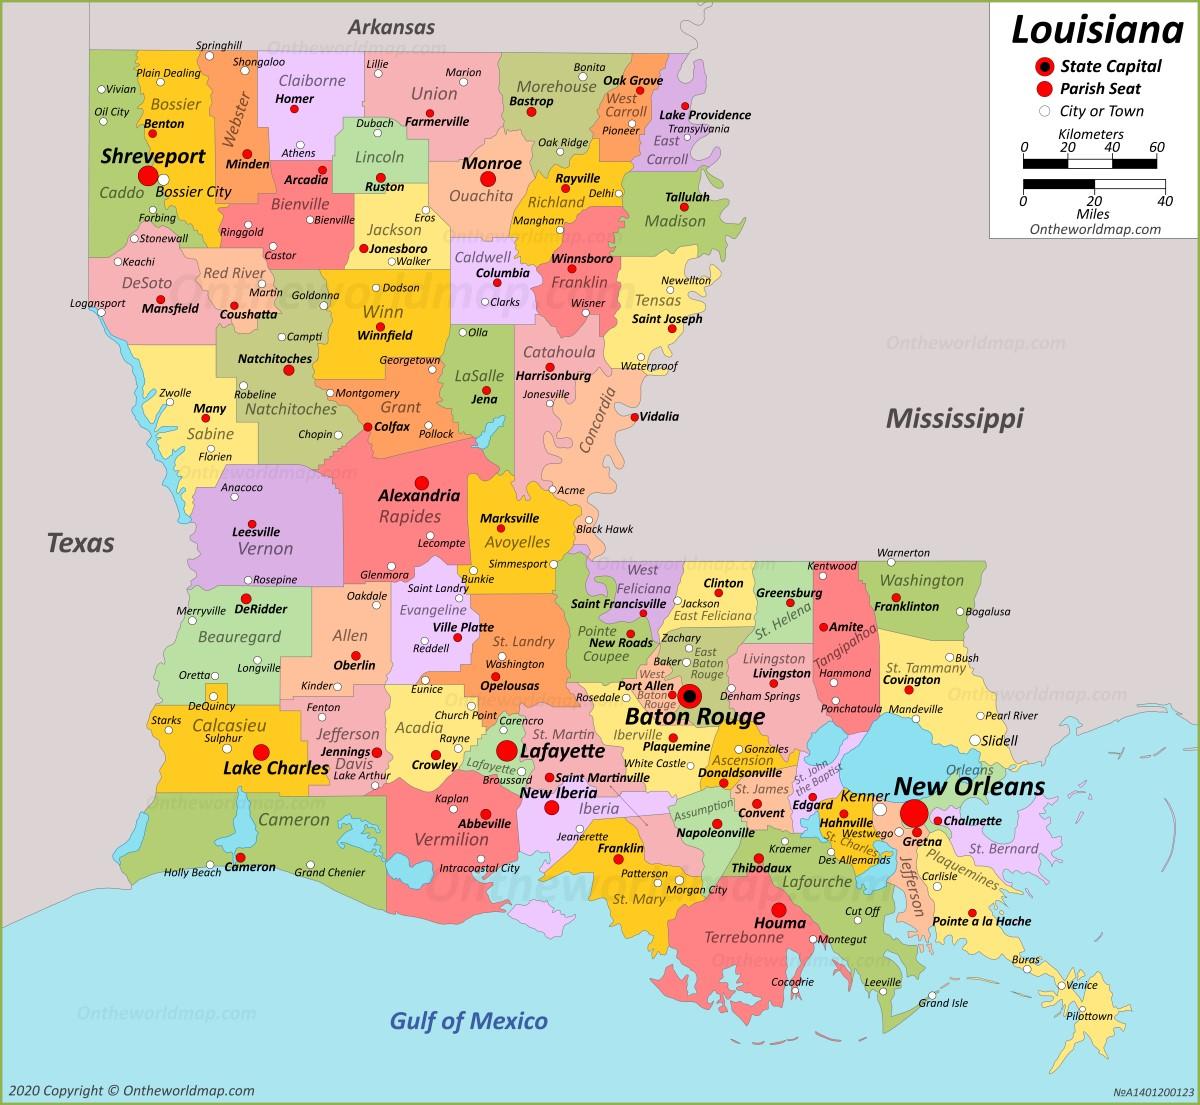 Show Me A Map Of Louisiana Louisiana State Maps | USA | Maps of Louisiana (LA)